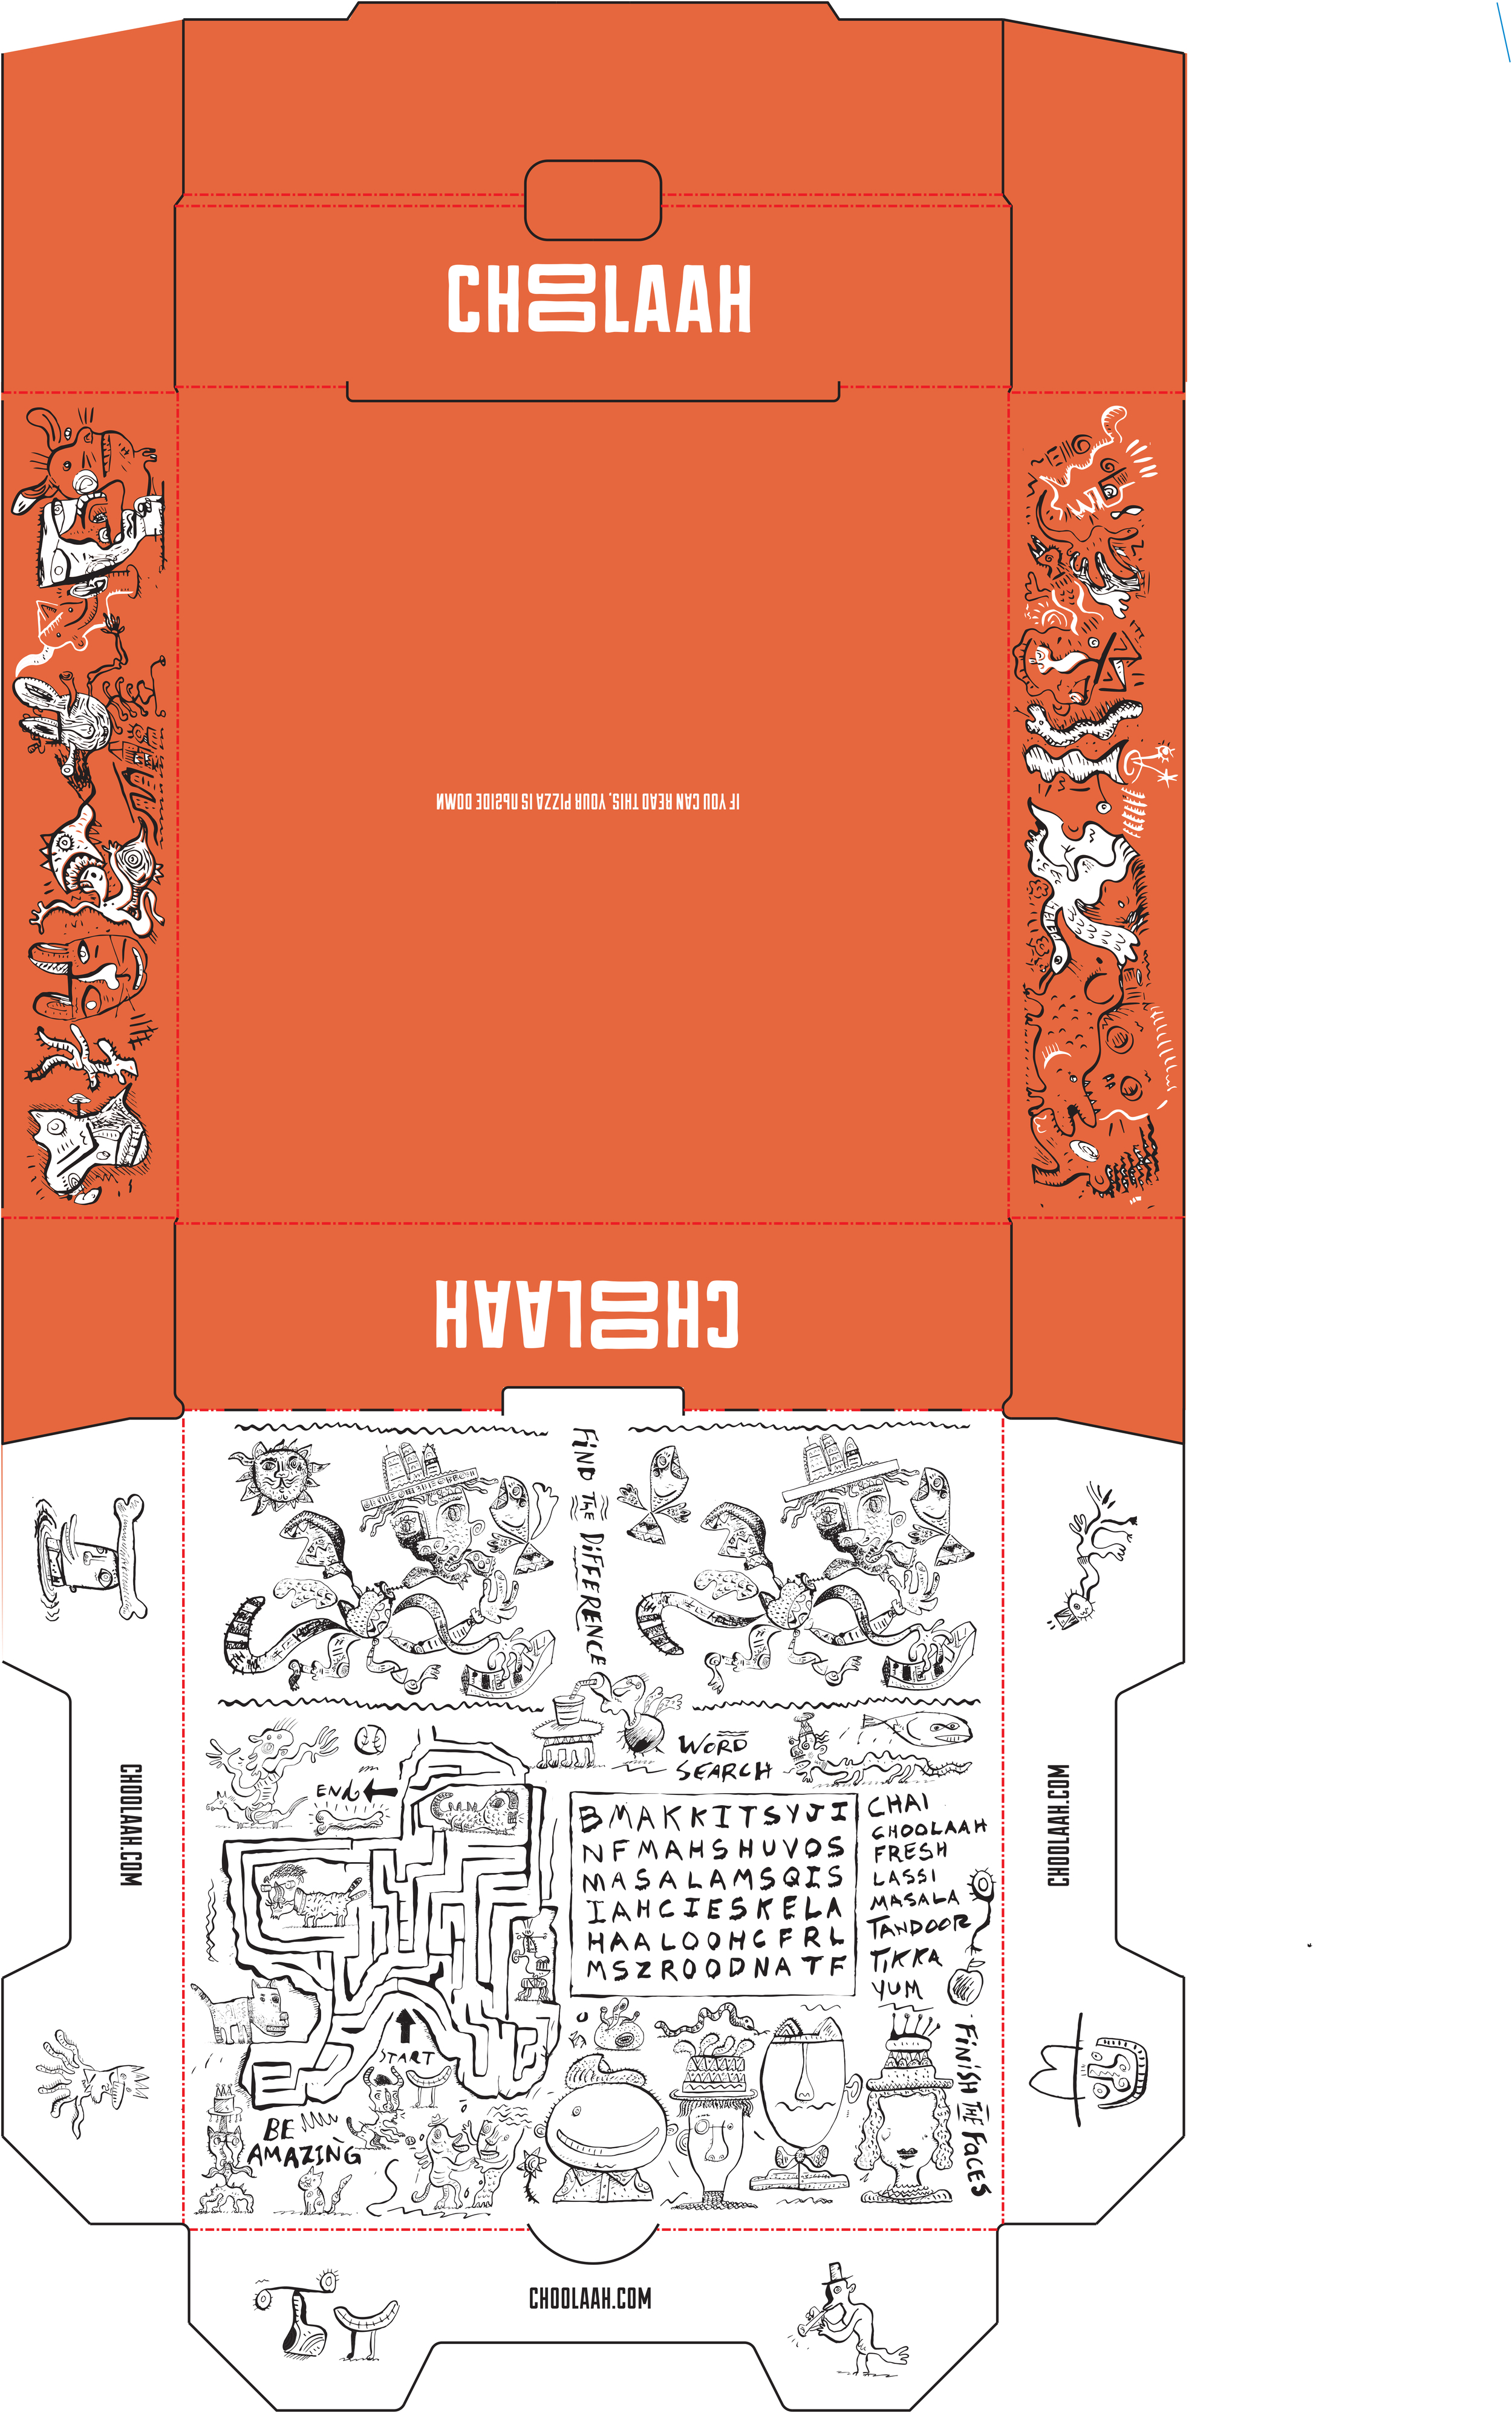 2006-1110-0601545_Choolaah_nine_inch.jpg